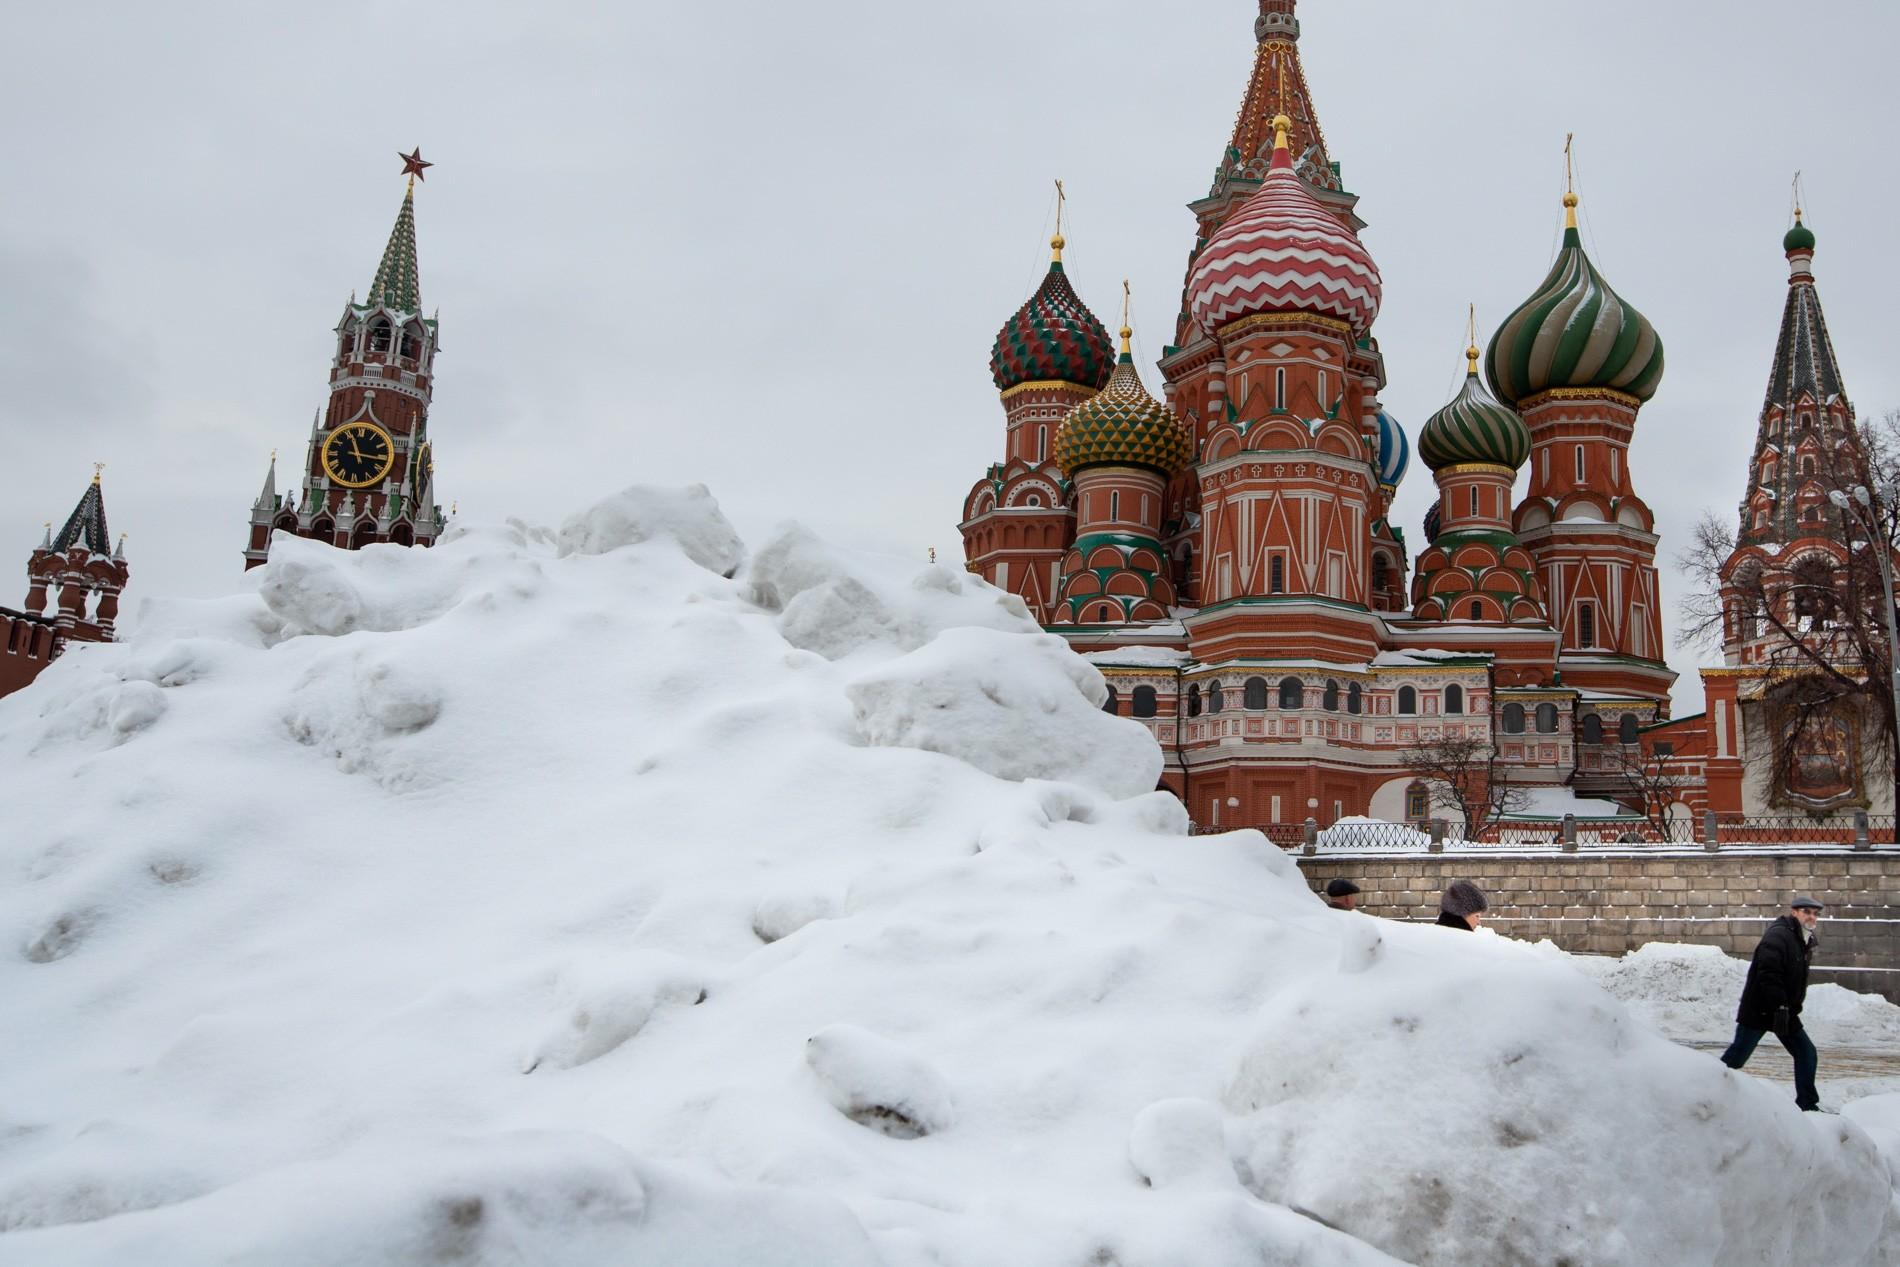 Moscou é segura? Mulheres podem viajar sozinhas? Veja as respostas para estas e outras perguntas - Notícias - Plantão Diário